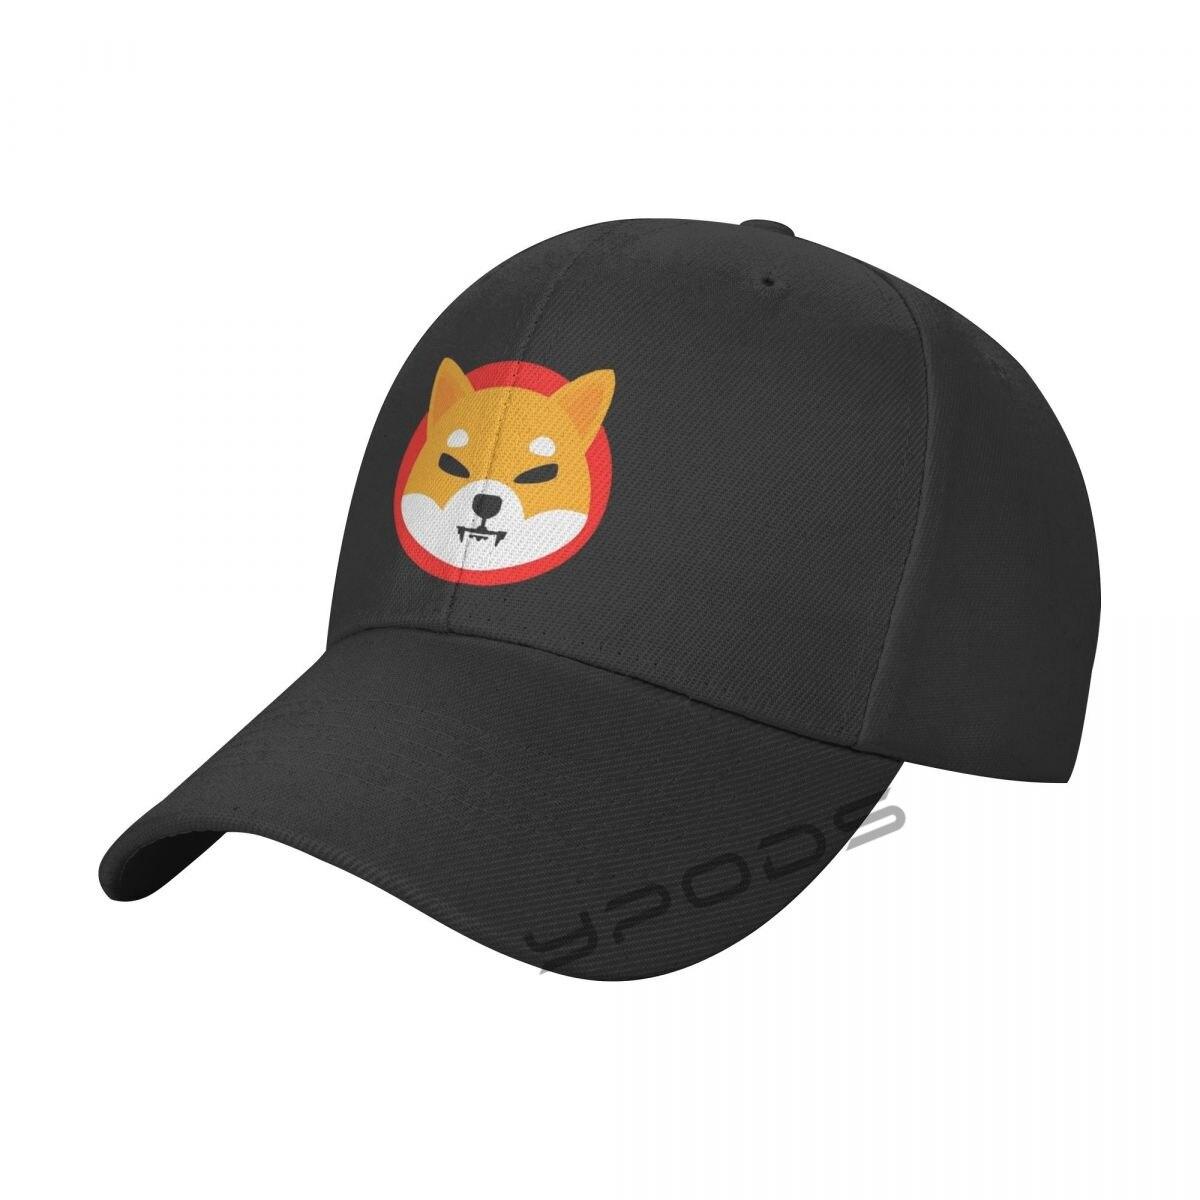 Бейсбольные кепки с принтом Шиба-ину регулируемые беговые кепки